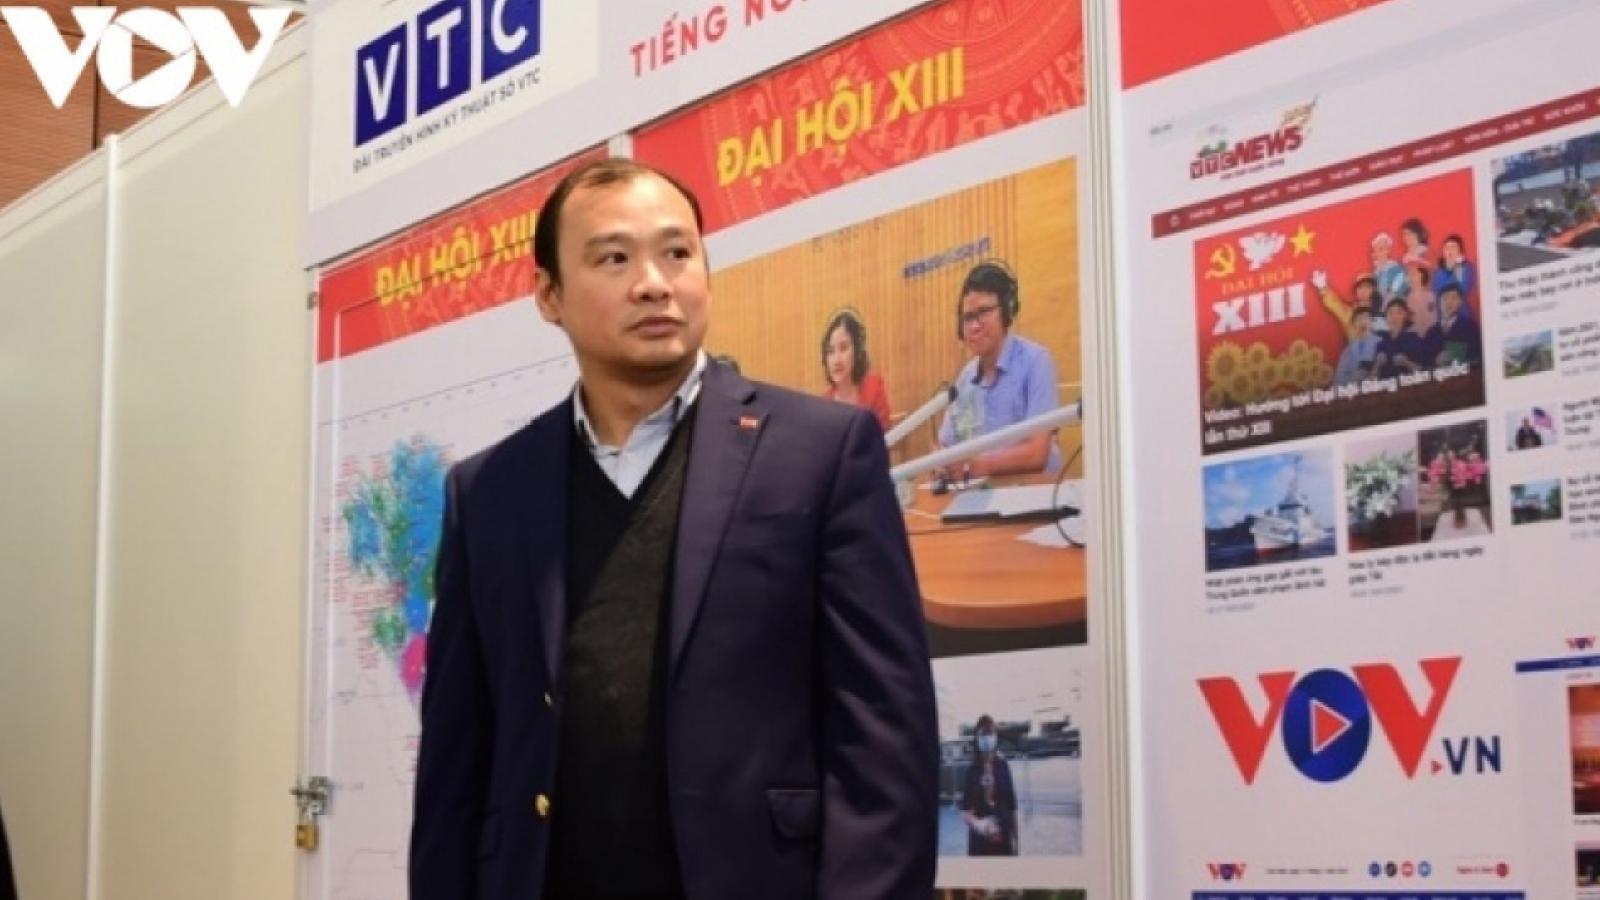 """Ông Lê Hải Bình: """"Khát vọng sẽ mãi là khát vọng nếu không được triển khai"""""""